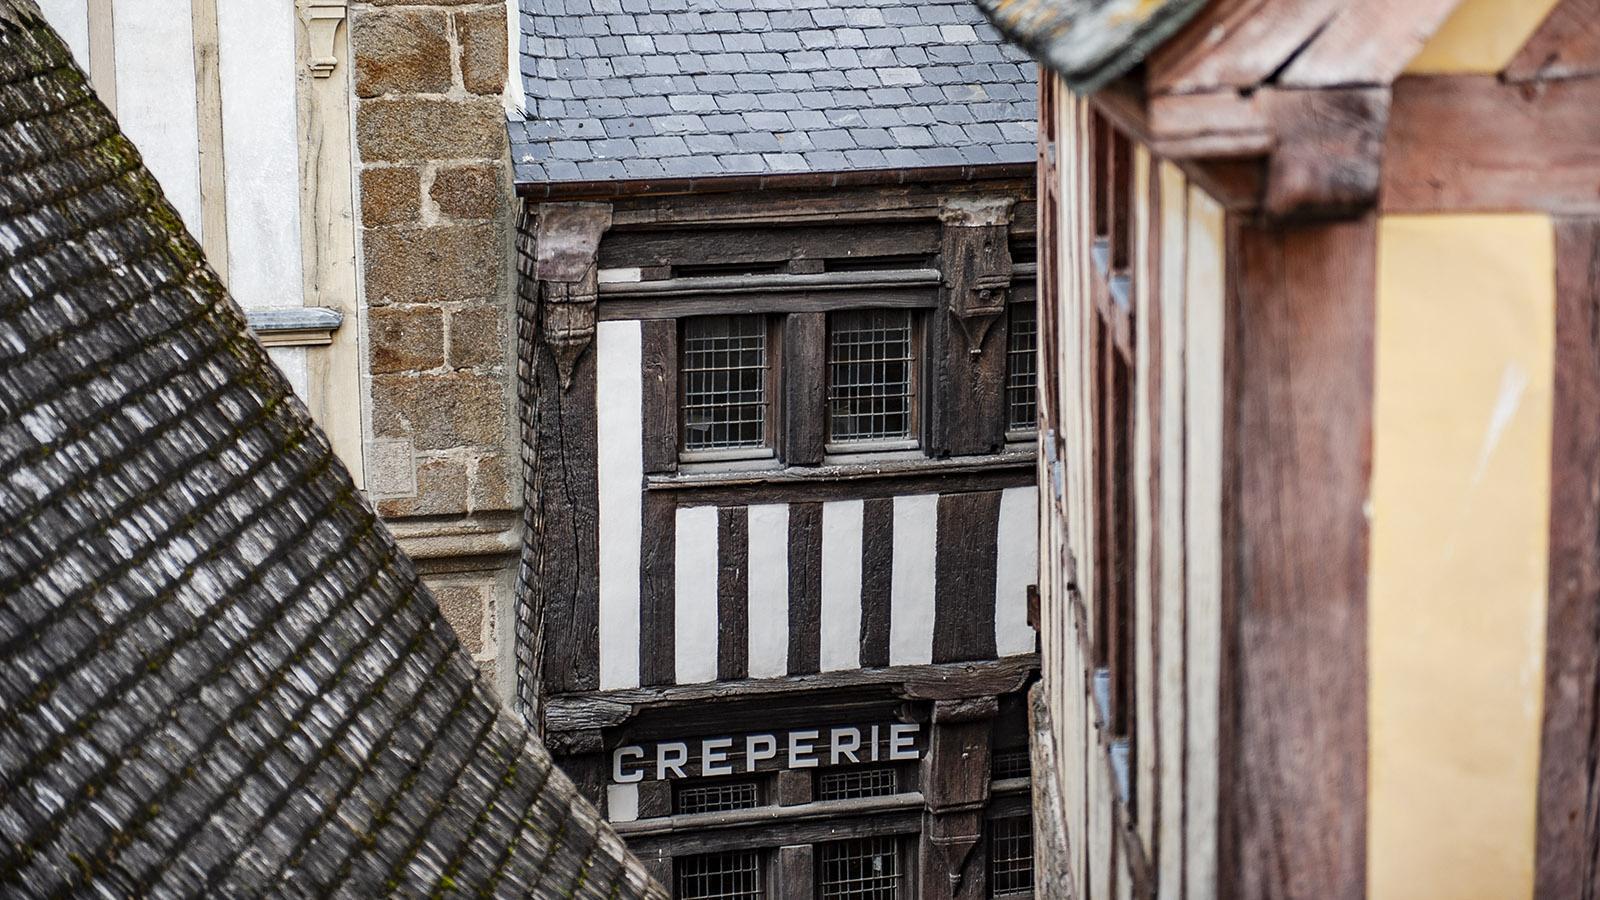 Eine kleine Crêperie am Mont-Saint-Michel. Foto: Hilke Maunder